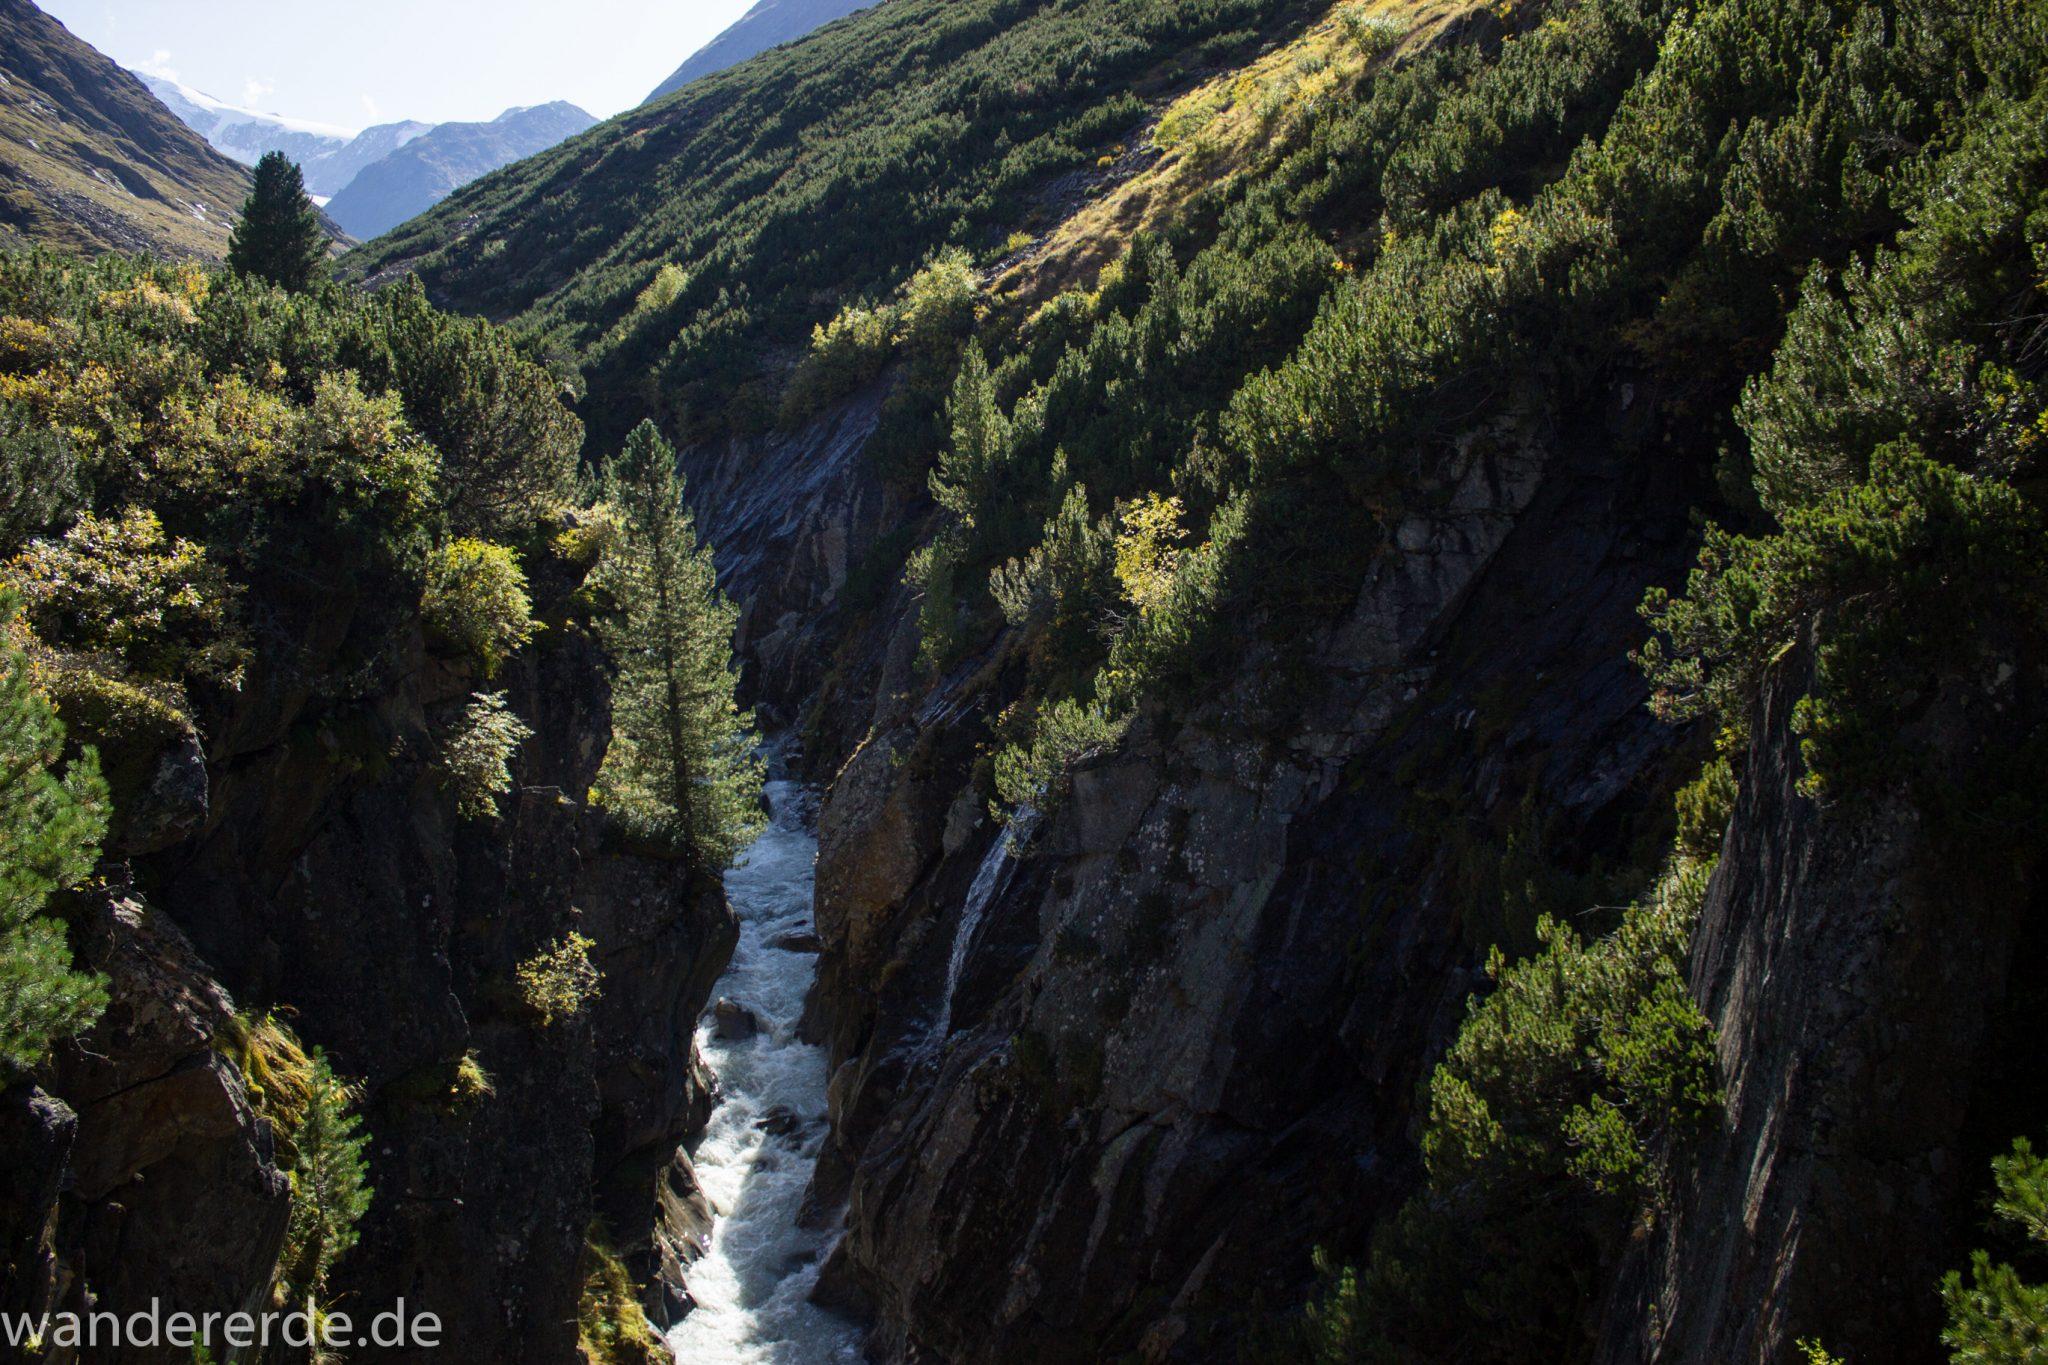 Alpenüberquerung Fernwanderweg E5 Oberstdorf Meran, 5. Etappe von Braunschweiger Hütte zur Martin-Busch-Hütte, nach Wanderung auf dem neuen Panoramaweg nach Vent folgt Anstieg zur Martin-Busch-Hütte, nach sehr steiler Abkürzung am Lift entlang folgt mäßige Steigung, herrliches Wetter zum Wandern bei strahlendem Sonnenschein, zauberhafter Ausblick auf die umliegenden Berge und ins Tal mit Fluss und grüner Vegetation